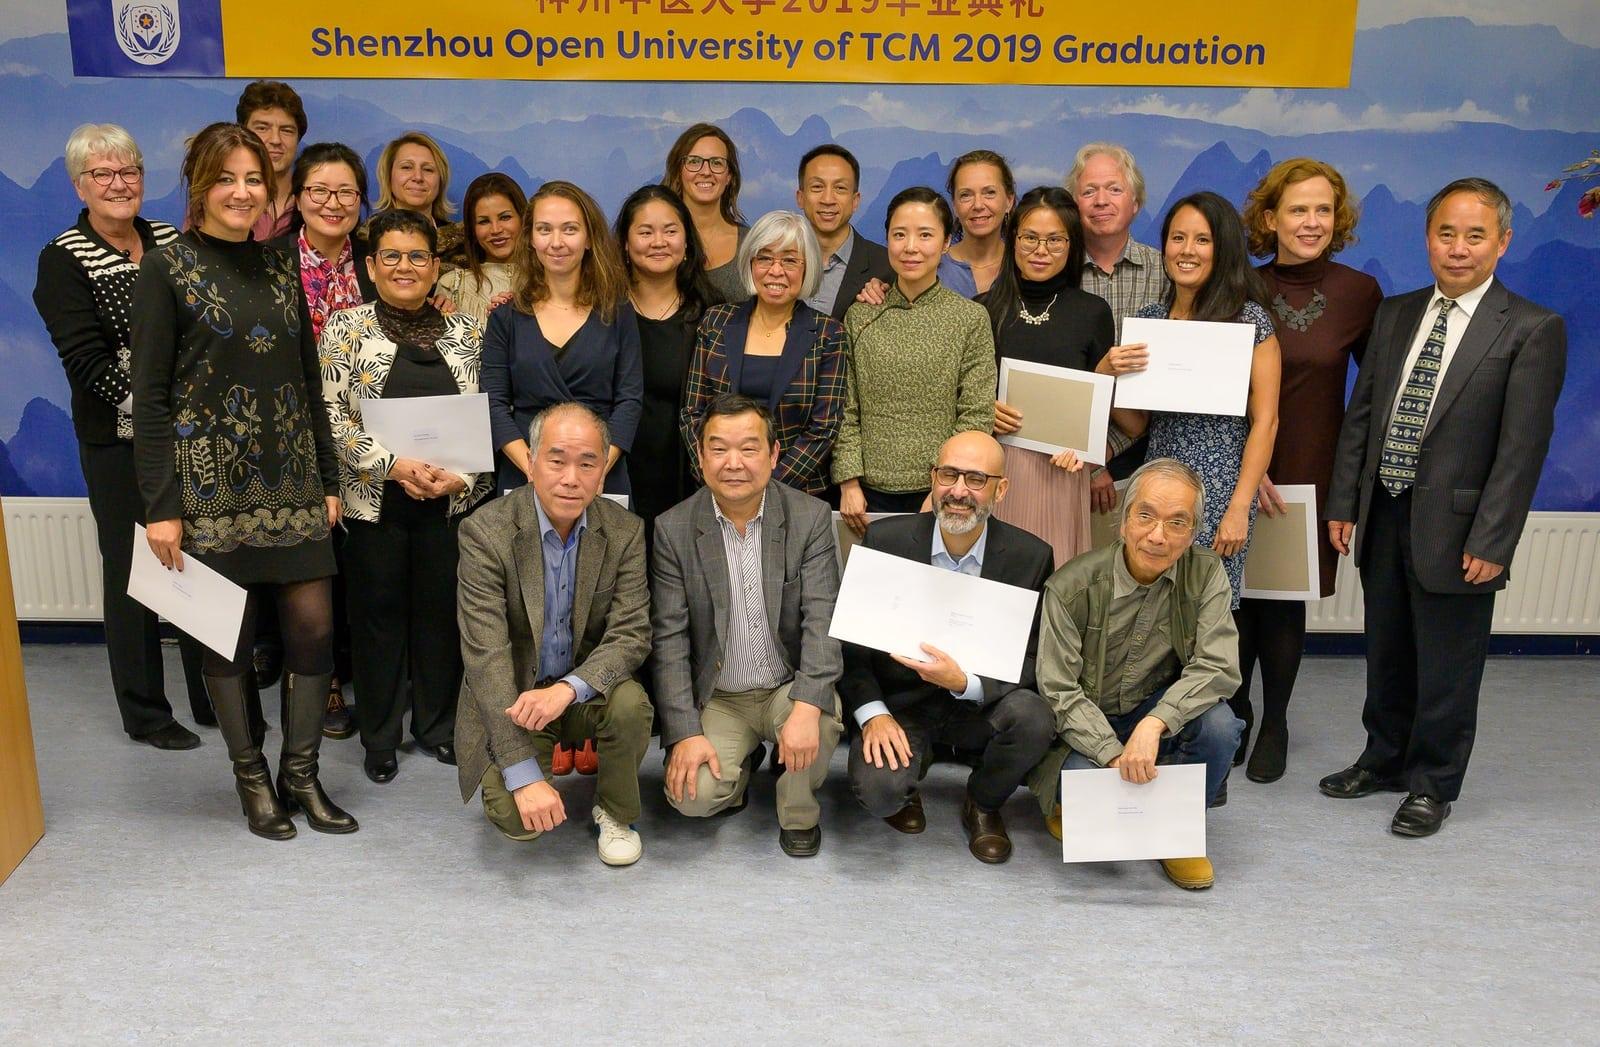 2019 Graduates of Acupuncture